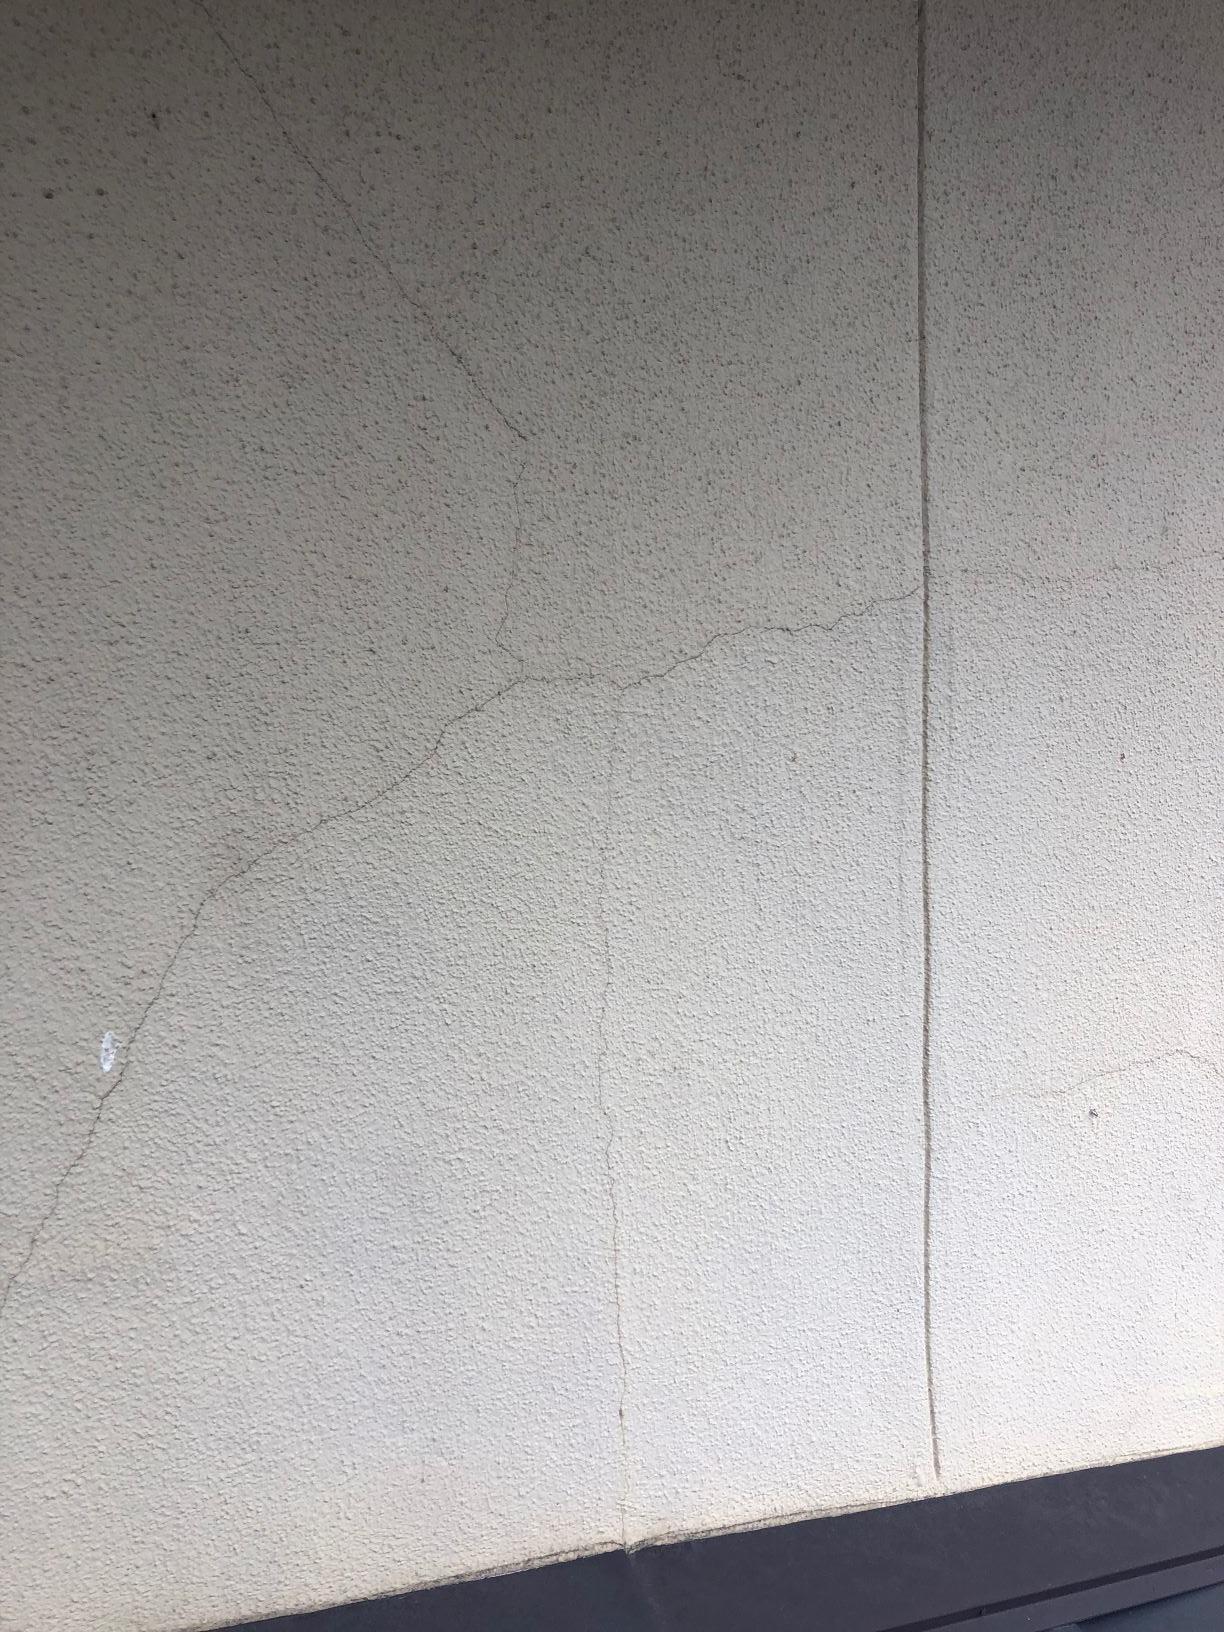 中巨摩郡昭和町 外壁塗装